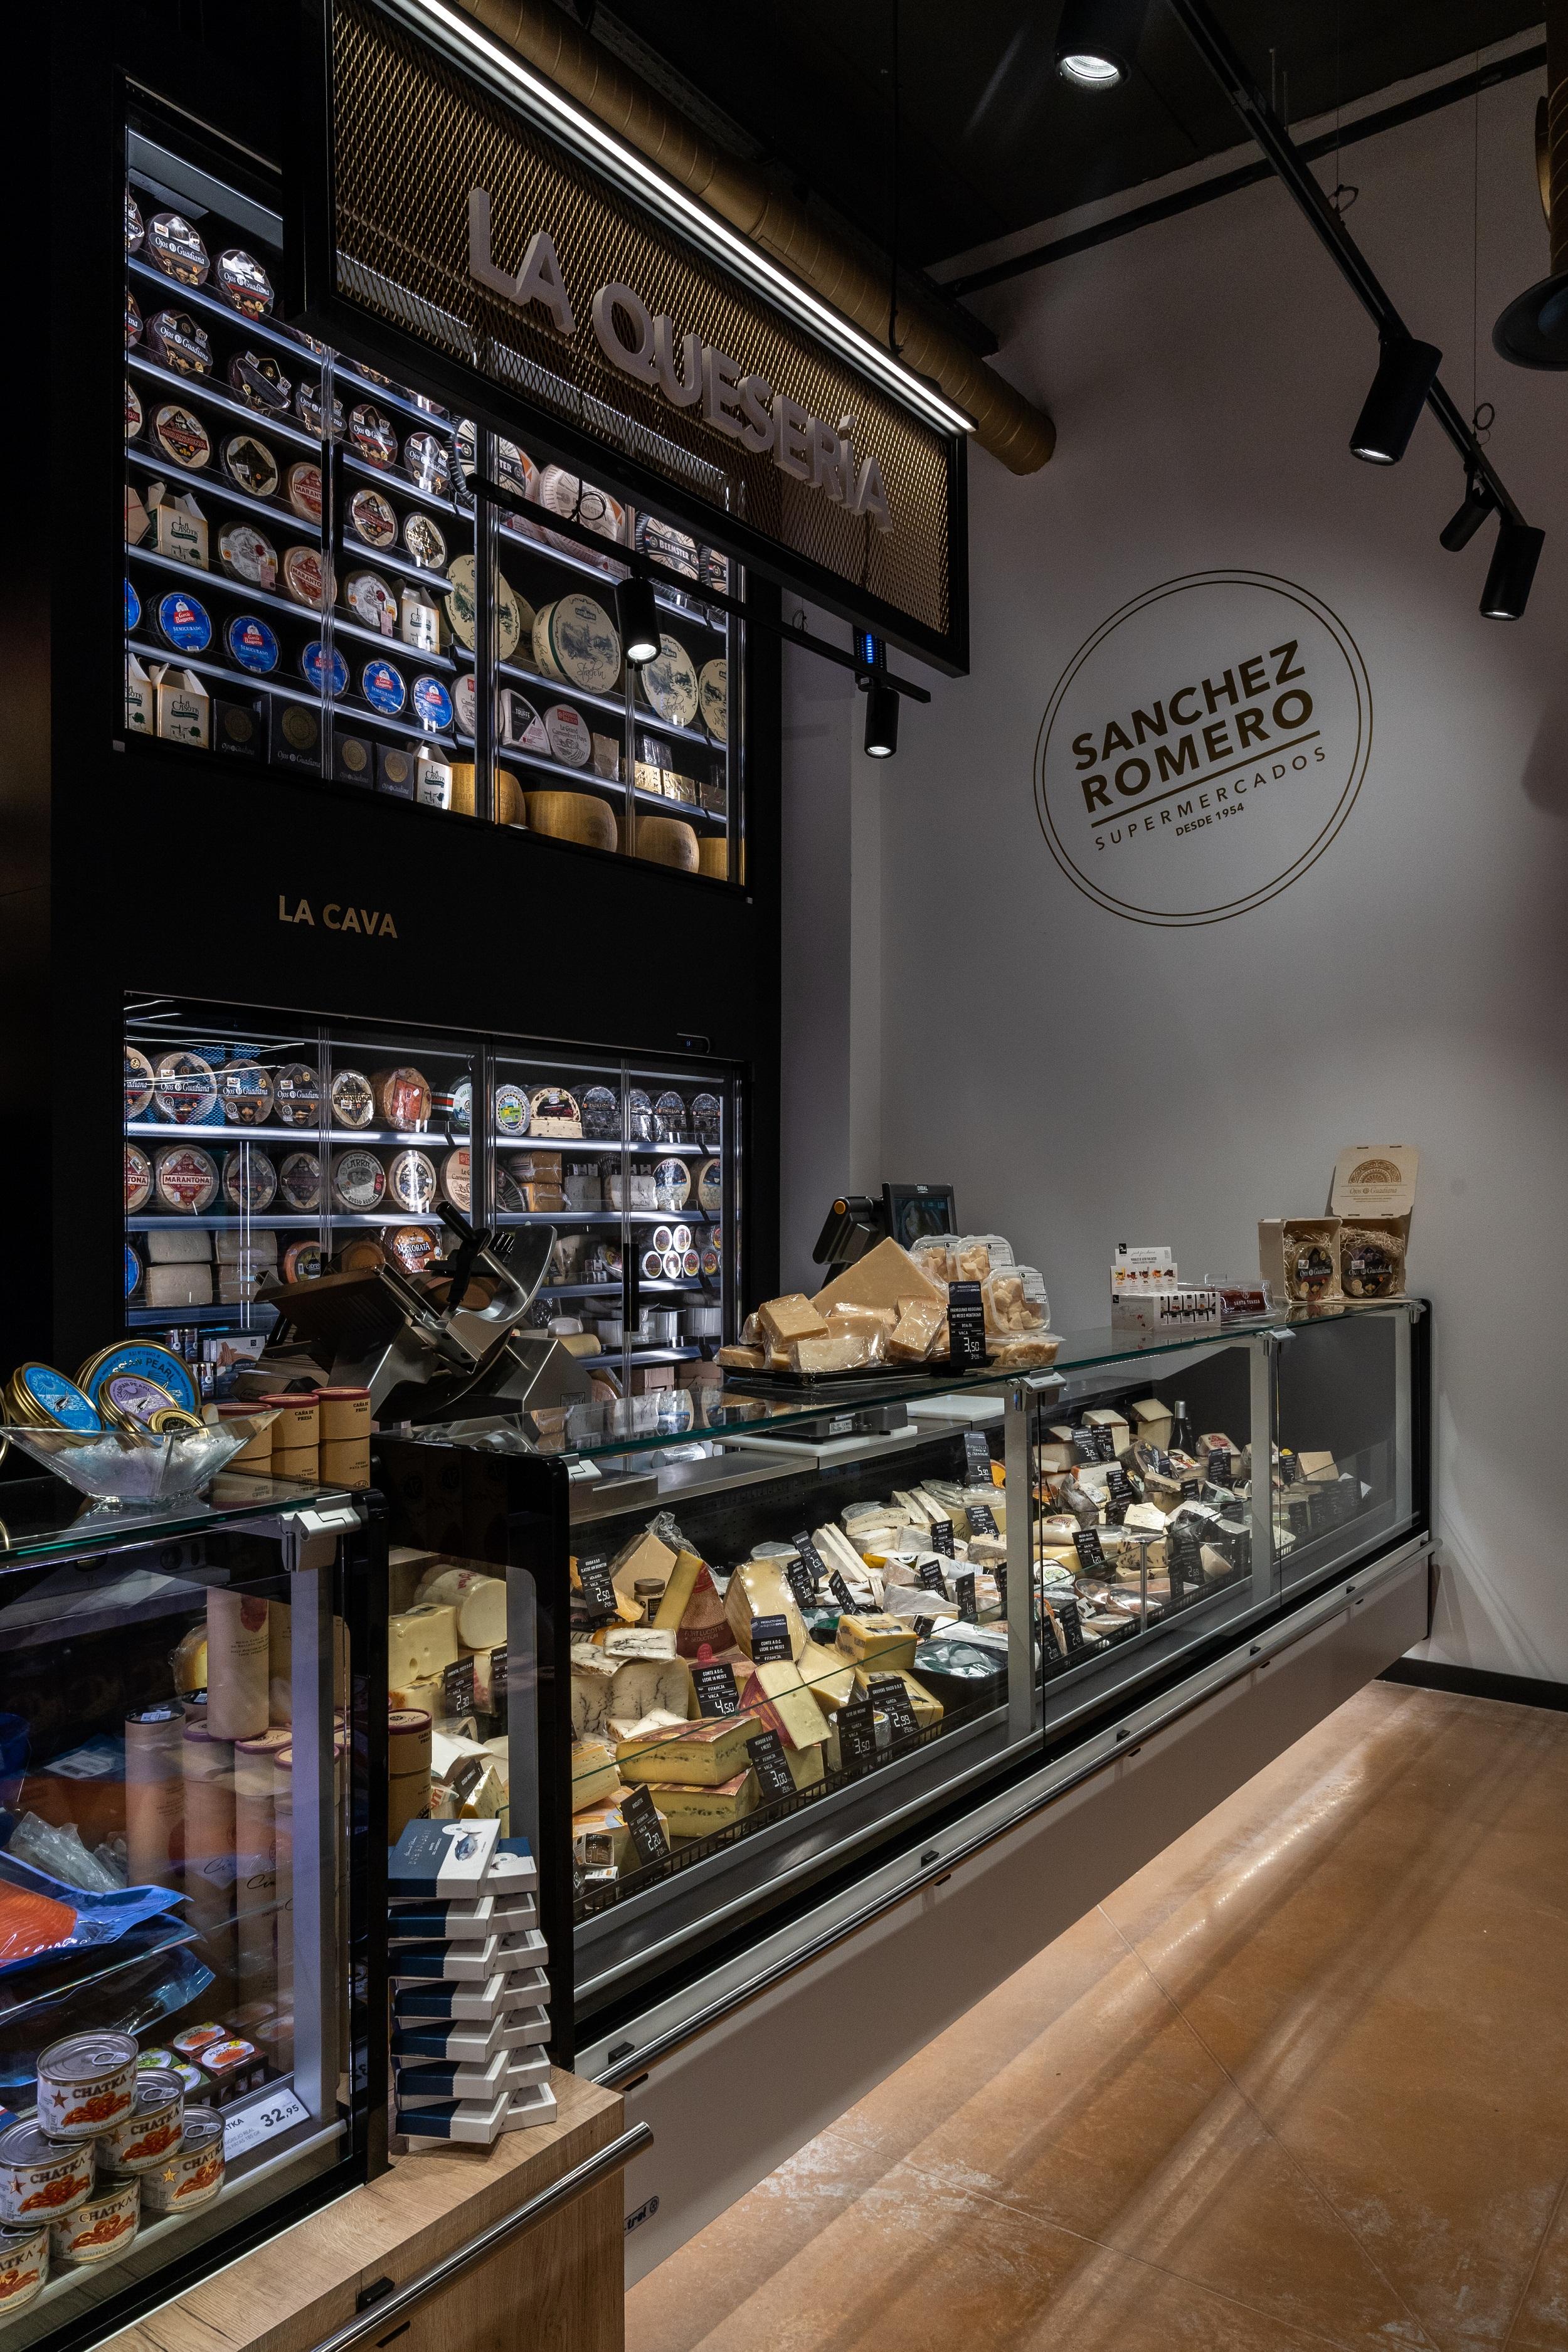 Supermercados Sánchez Romero inaugura su primera tienda 'hub' de servicios